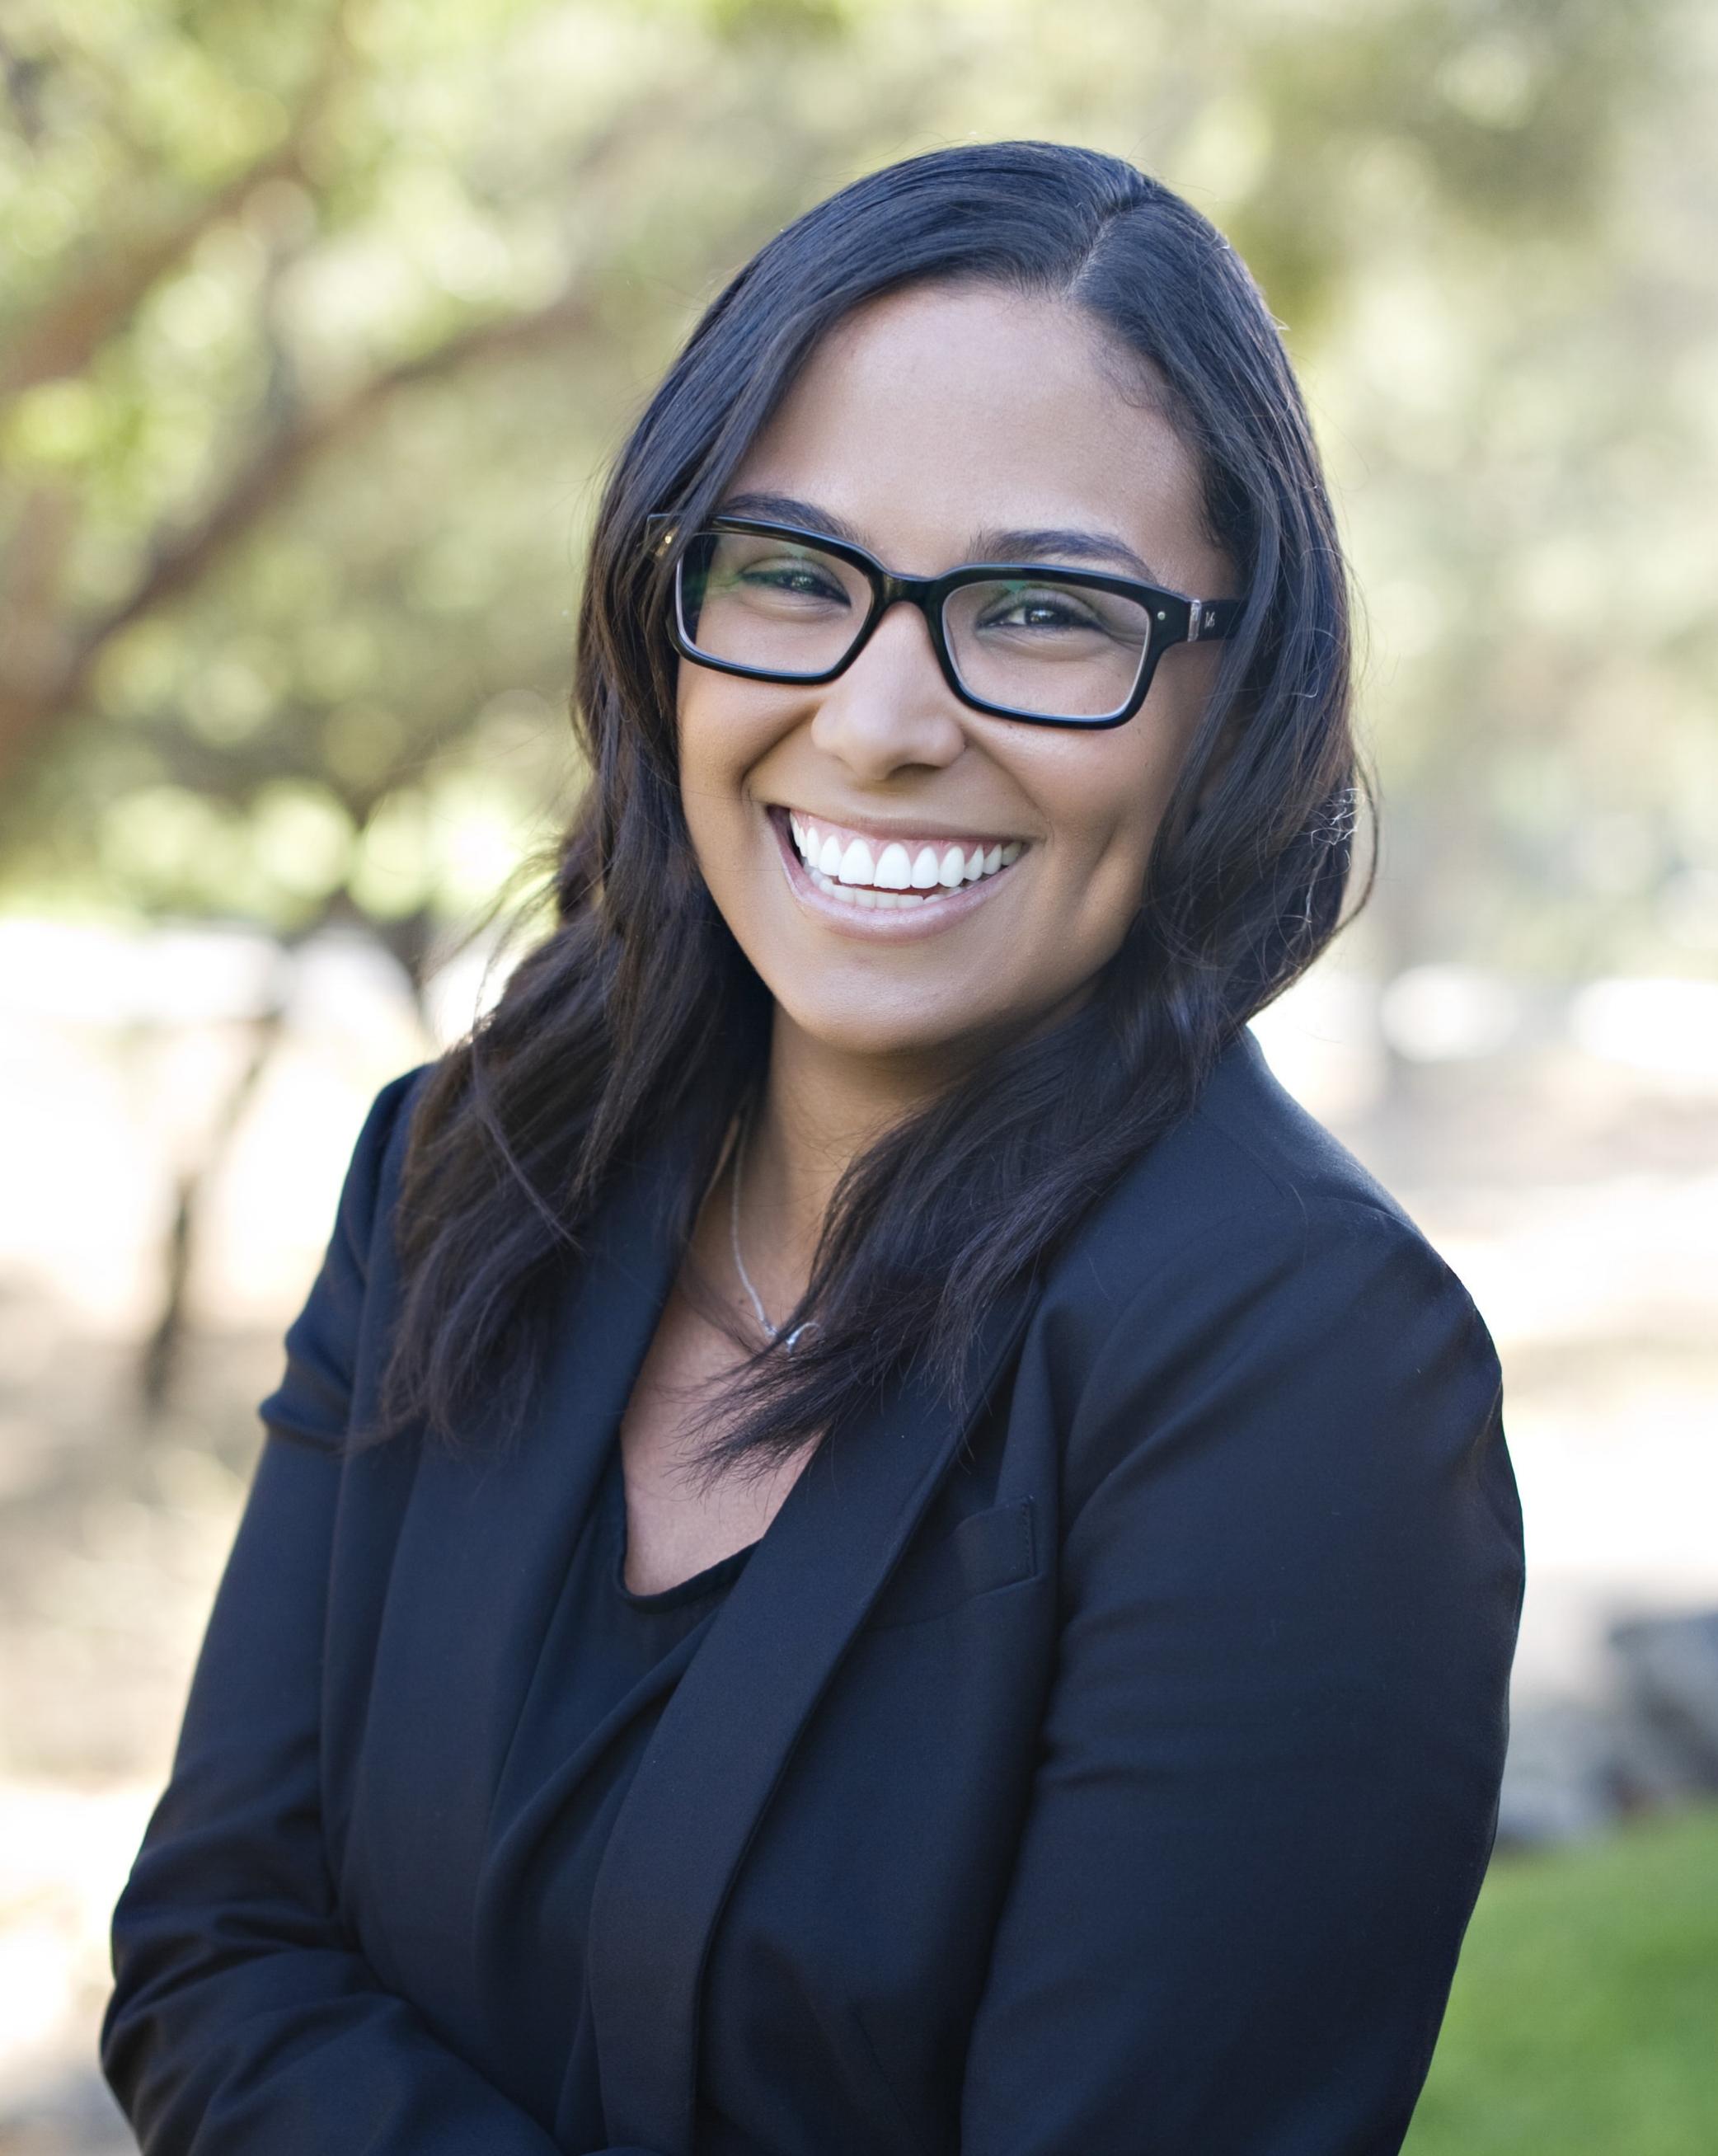 Iman Rosario: venue manager and wedding coordinator extraordinaire